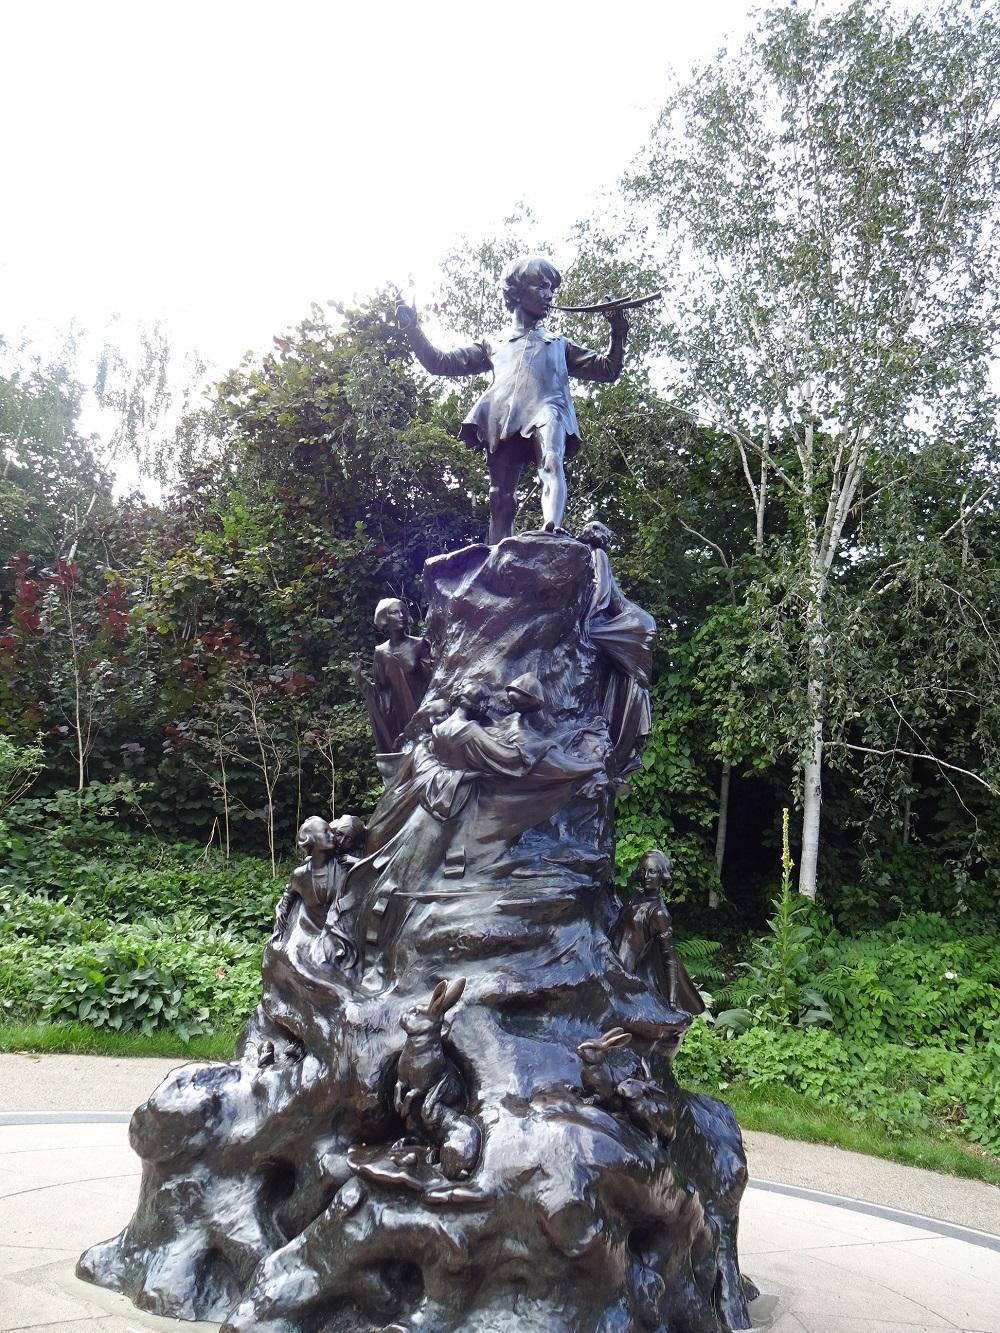 ピーターパンの像にも会える!物語の背景にも人気の公園